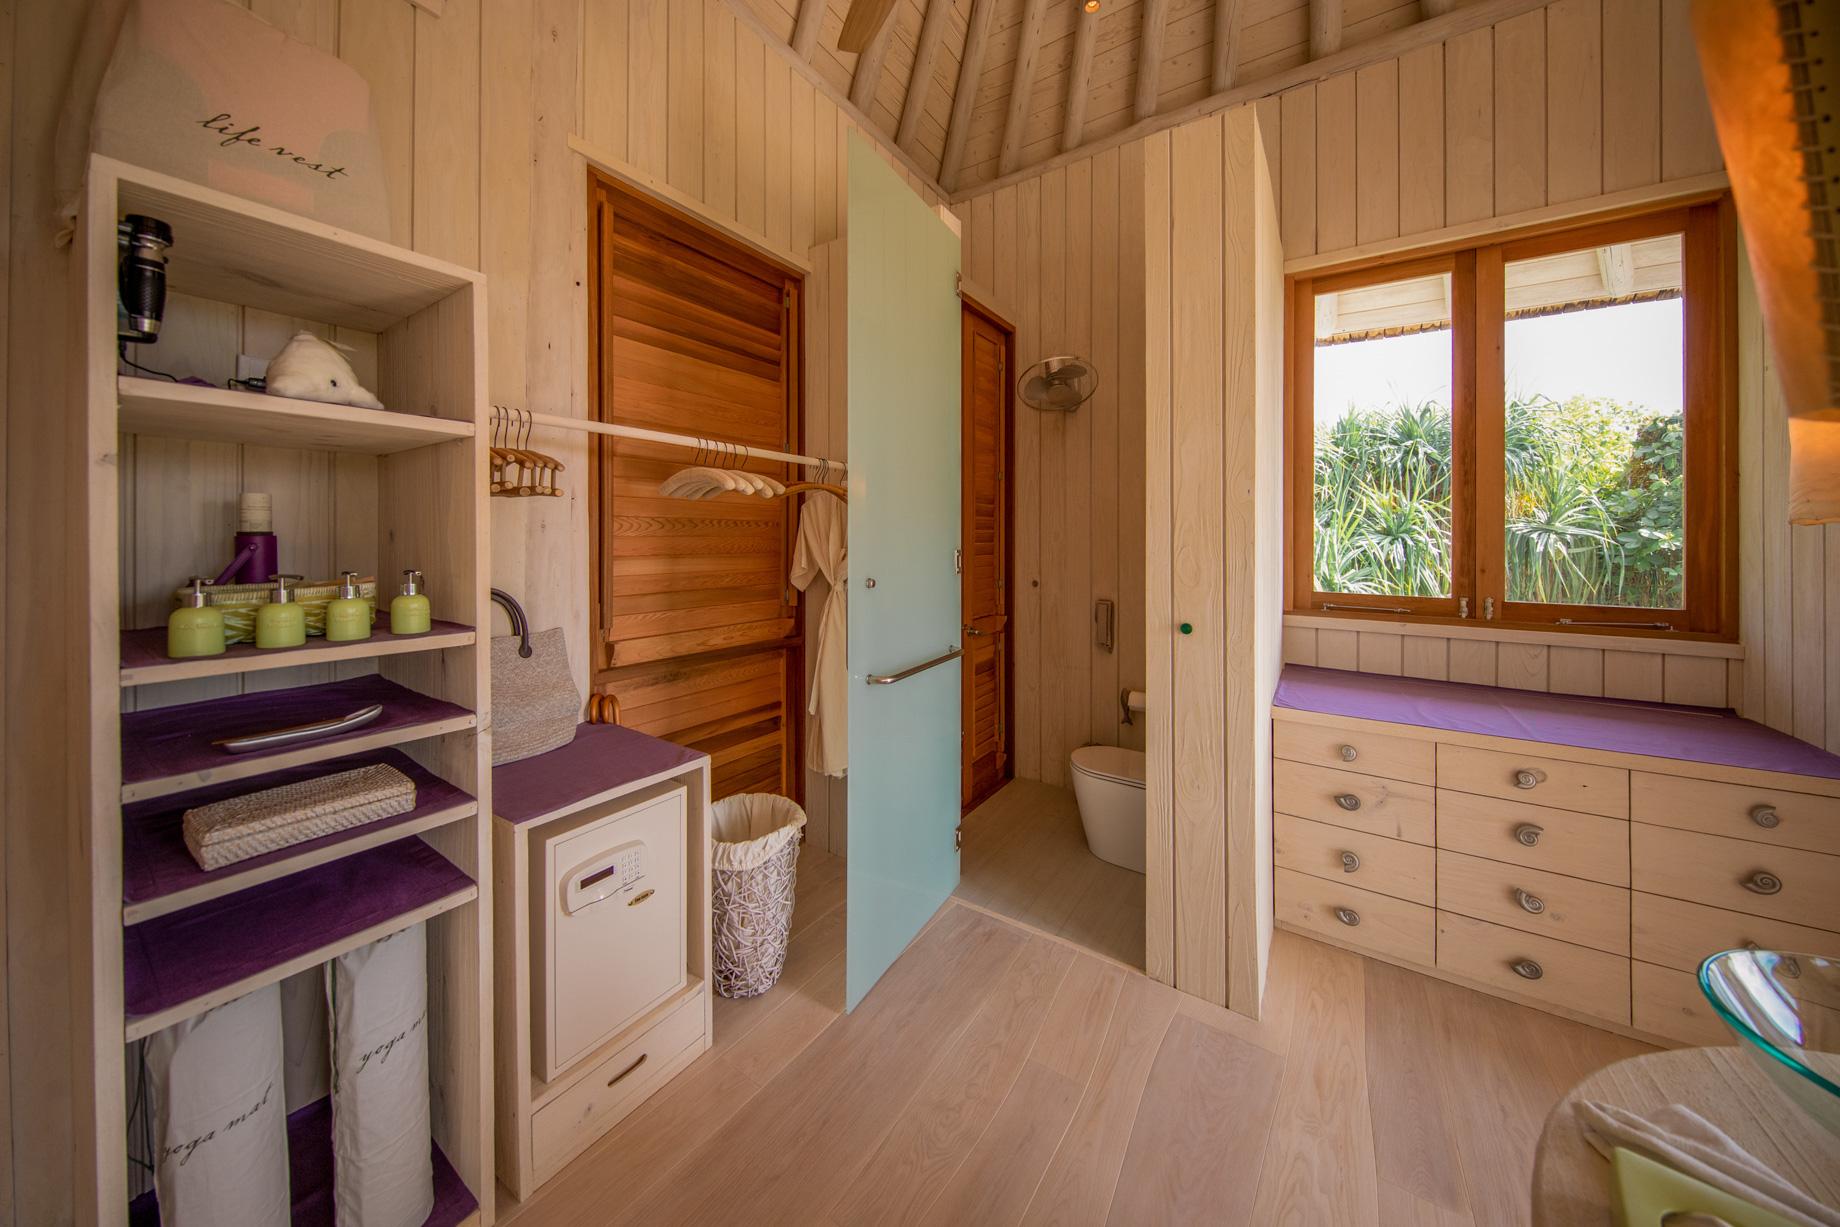 Soneva Jani Luxury Resort – Noonu Atoll, Medhufaru, Maldives – 2 Bedroom Crusoe Residence Island Villa Bathroom